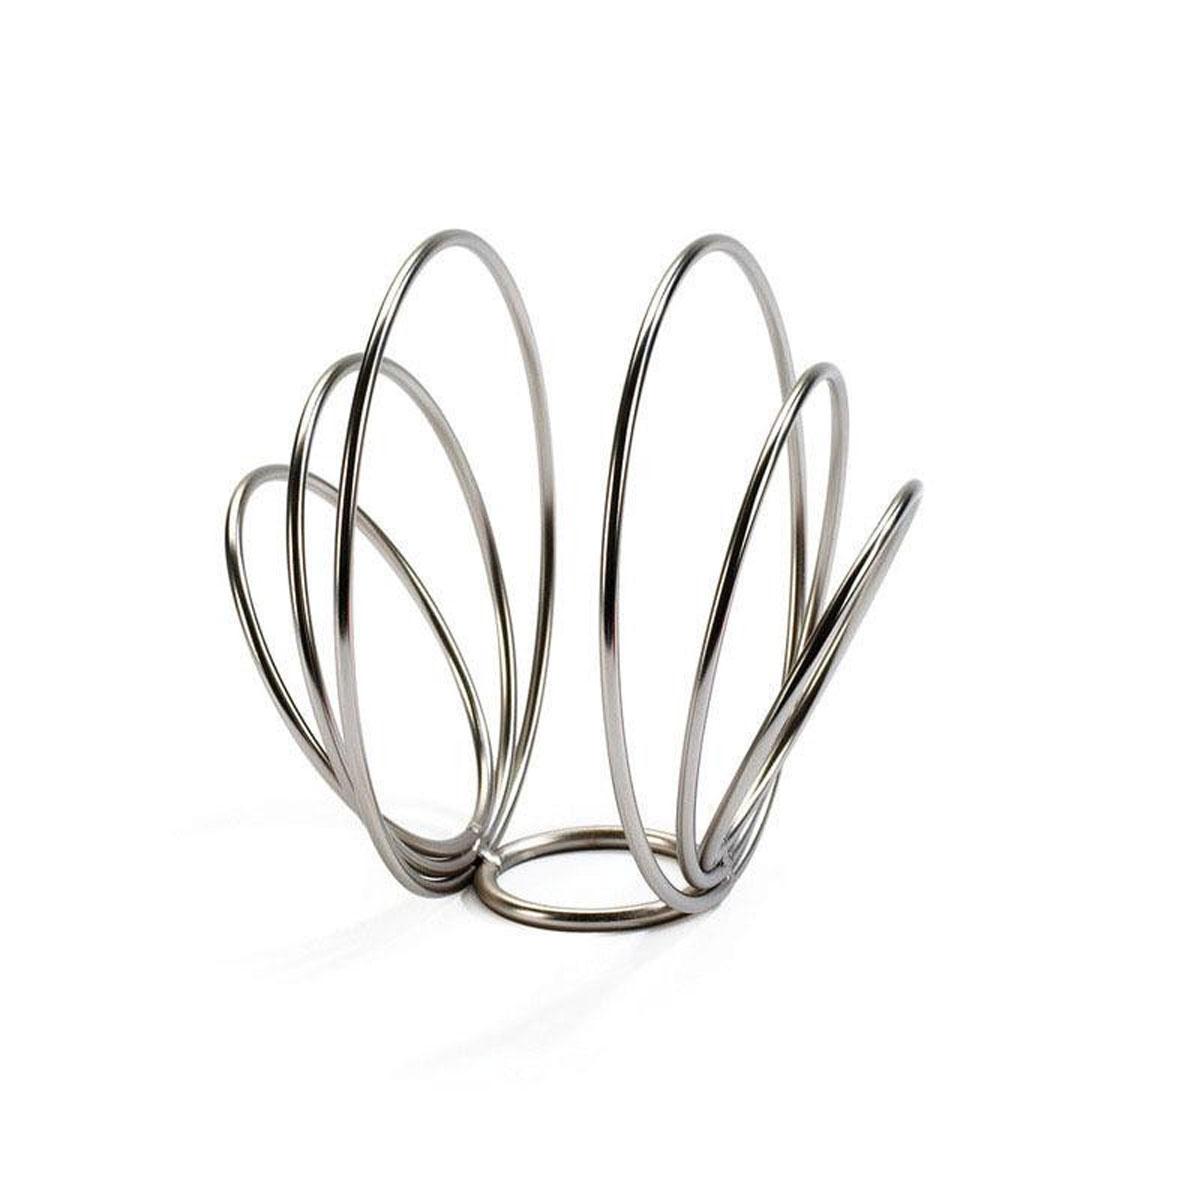 Салфетница Umbra Rings, 12 х 14 см330050-410Салфетница Umbra Rings выполнена из никеля. Салфетница отличается устойчивостью и вместительностью, а современный дизайн прекрасно впишется в интерьер вашей кухни. Размер салфетницы: 12 см х 14 см х 14 см.